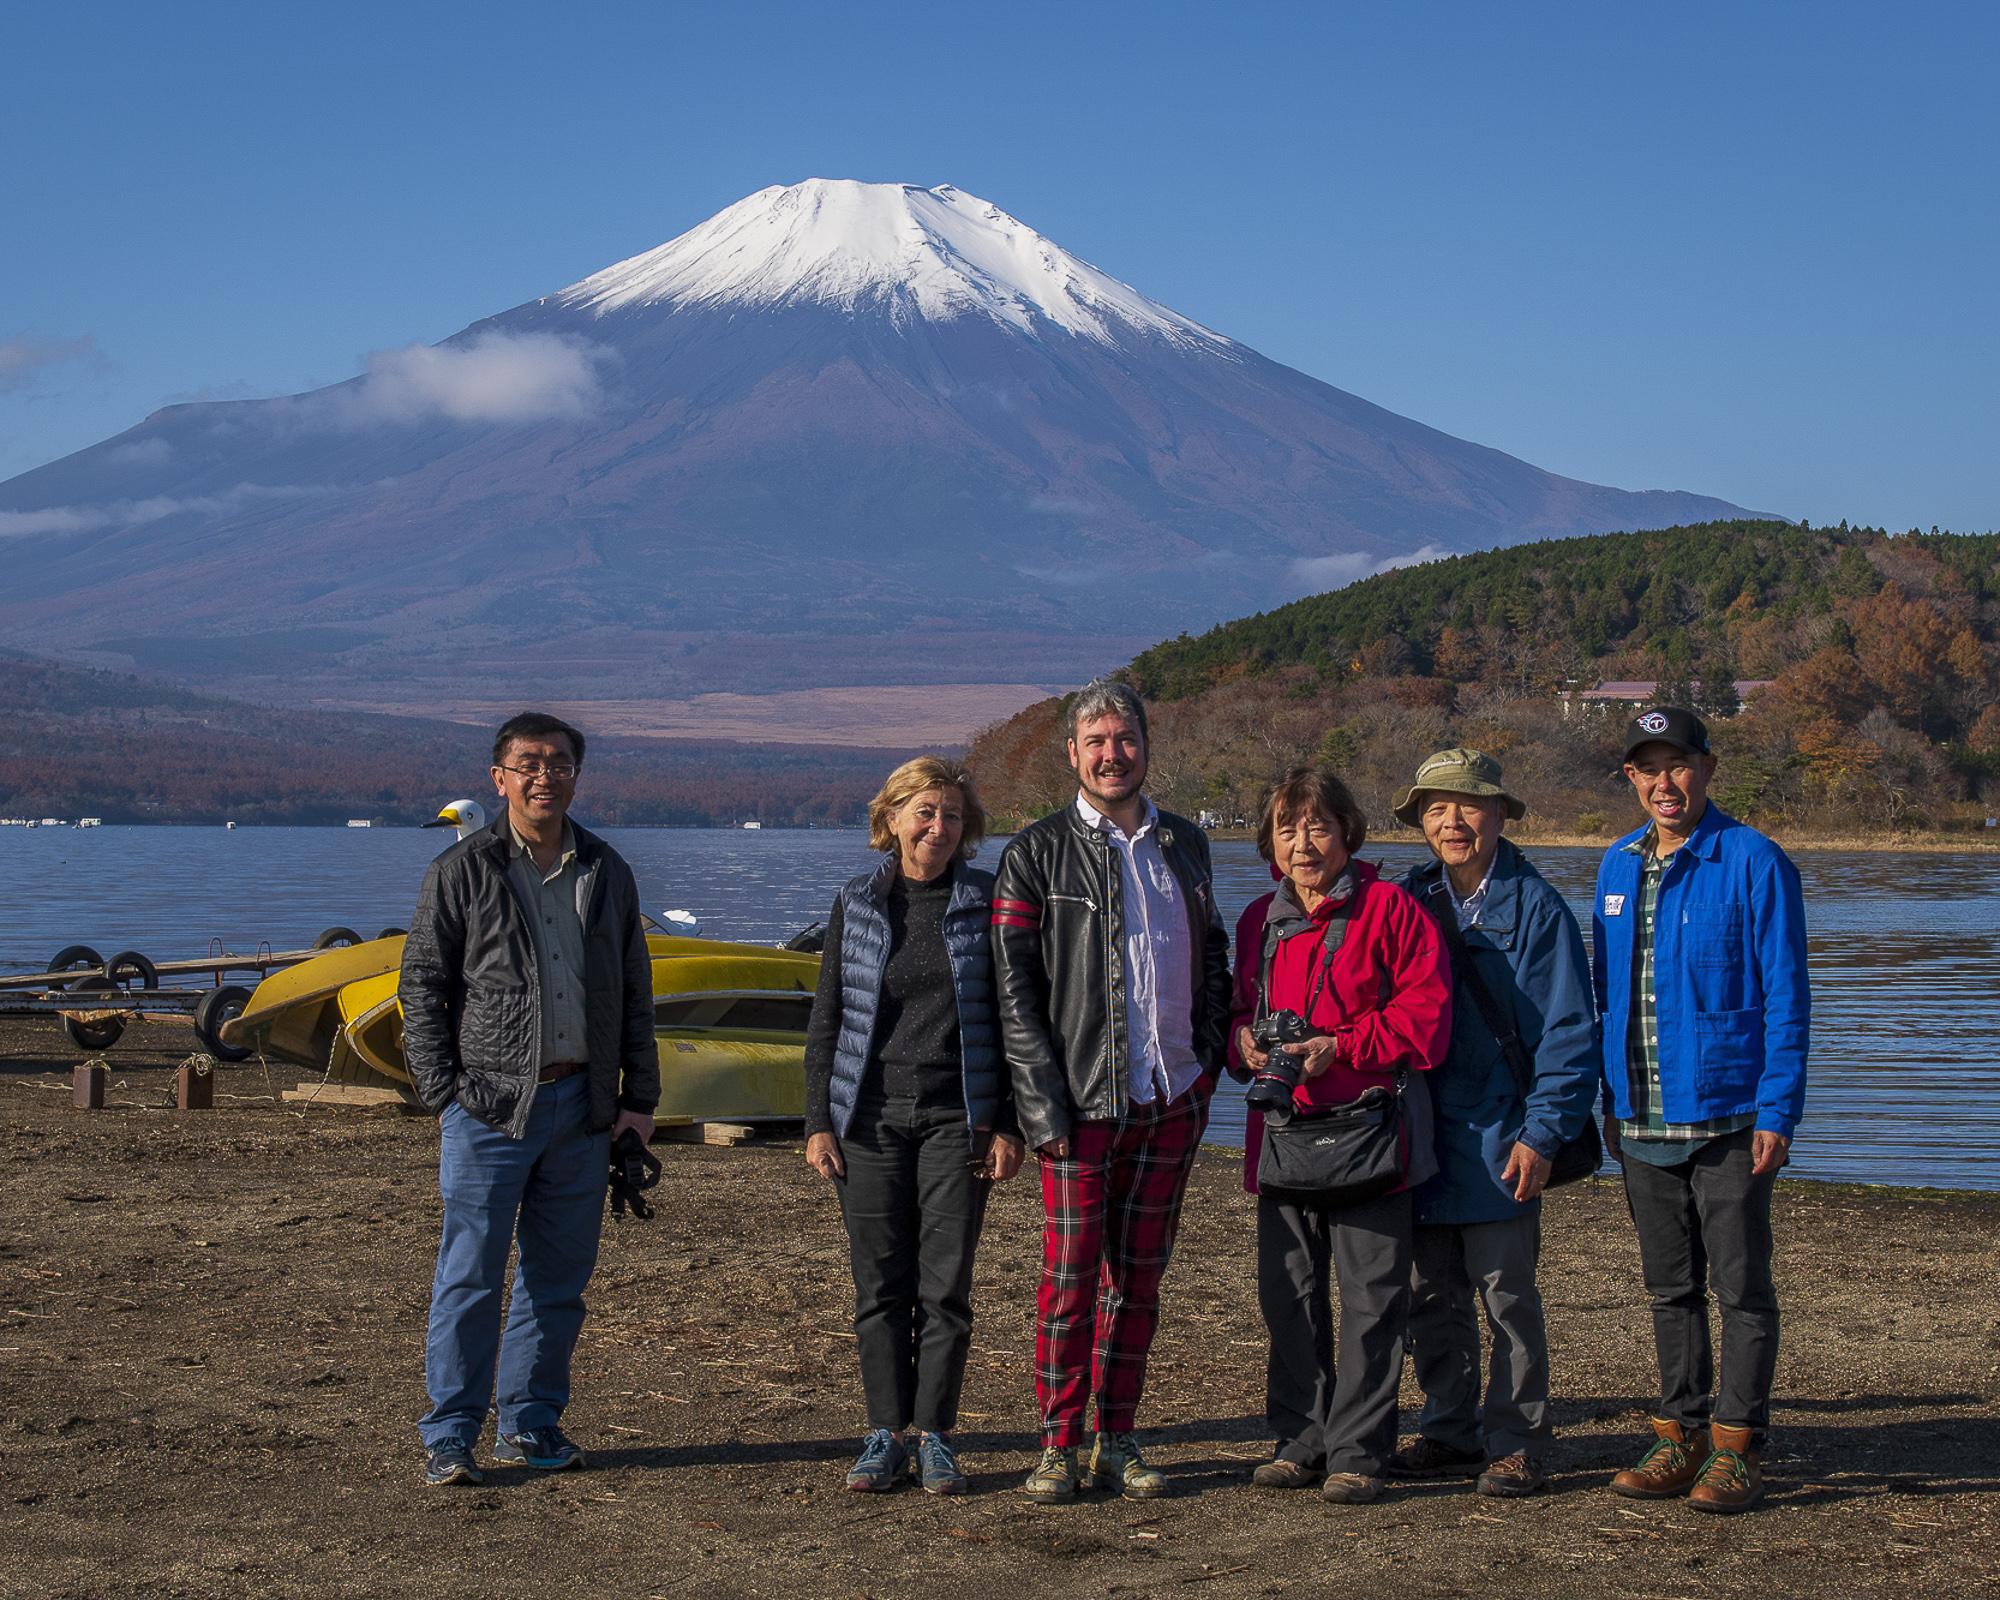 japan-autumn-052-aperture-tours.jpg